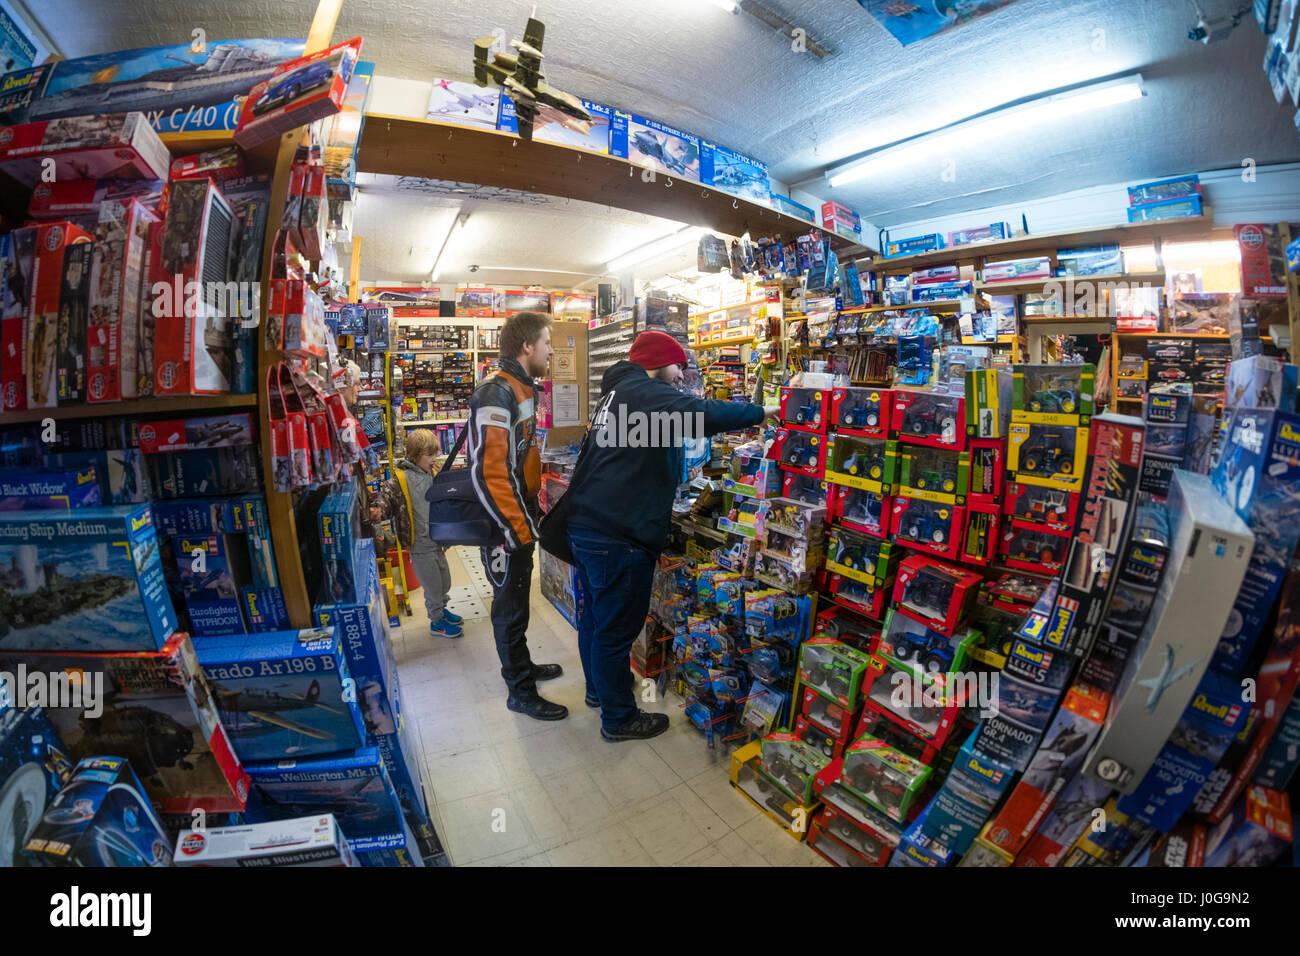 """Kunden kaufen Modell Spielzeug in """"The Albatros"""" traditionellen altmodischen Spielzeug, Hobby und Modell-Shop, Aberystwyth Stockfoto"""